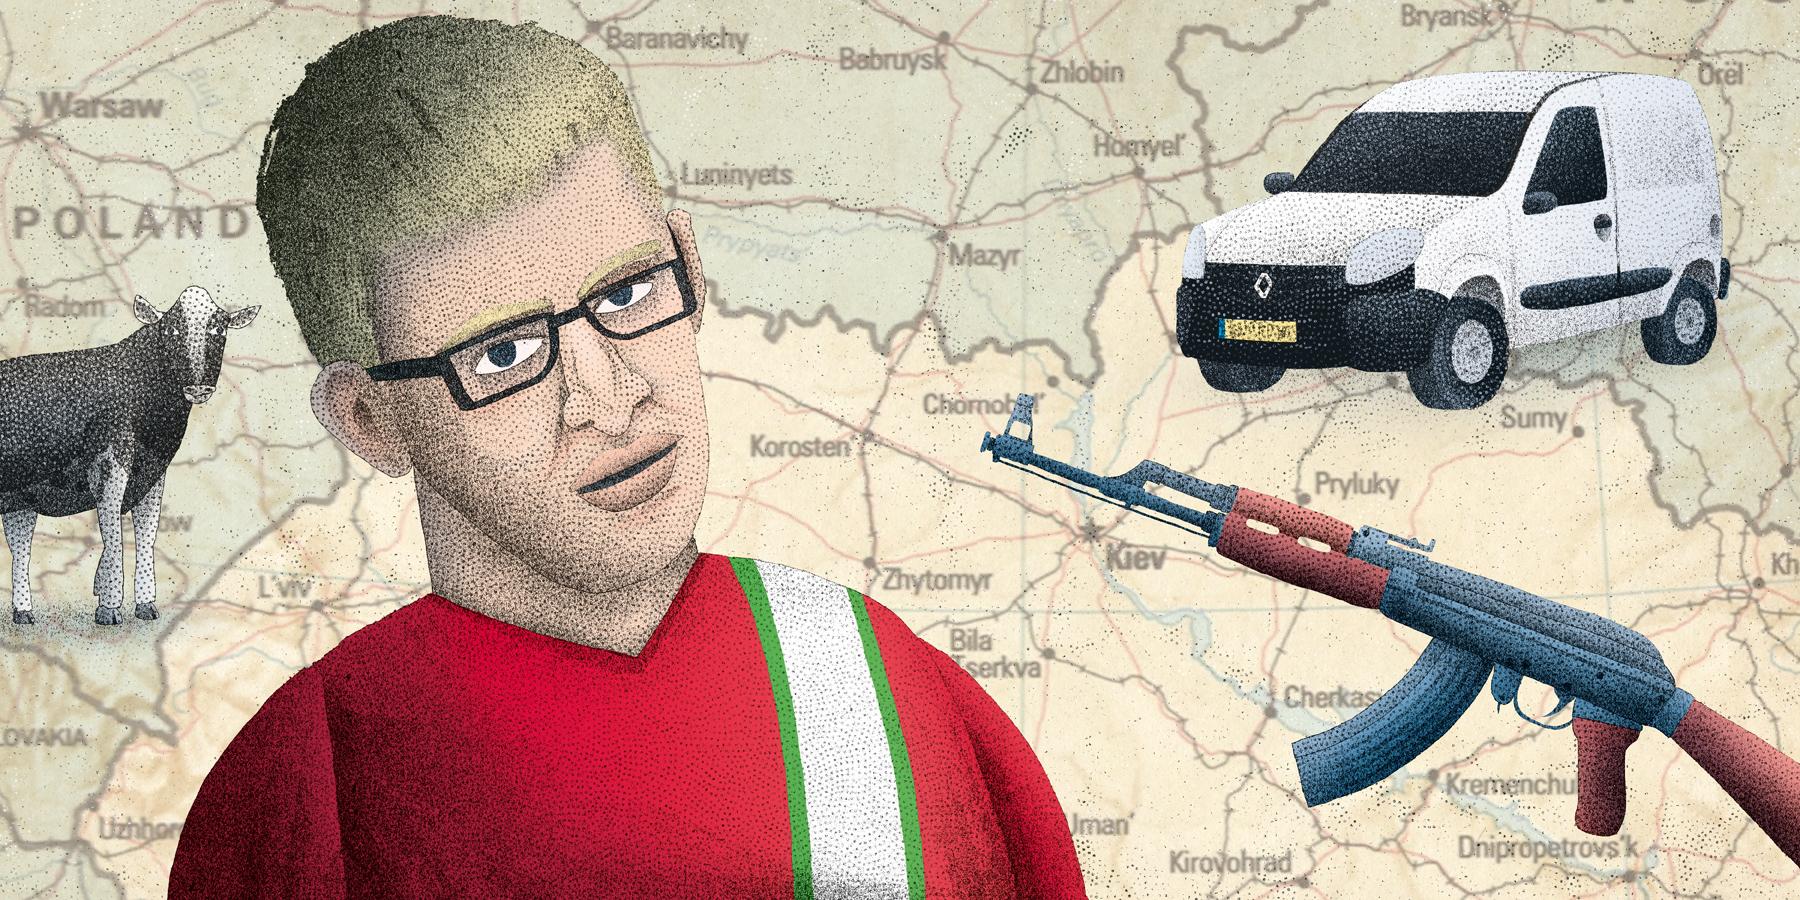 La vérité sur les sites de rencontres ukrainiennes